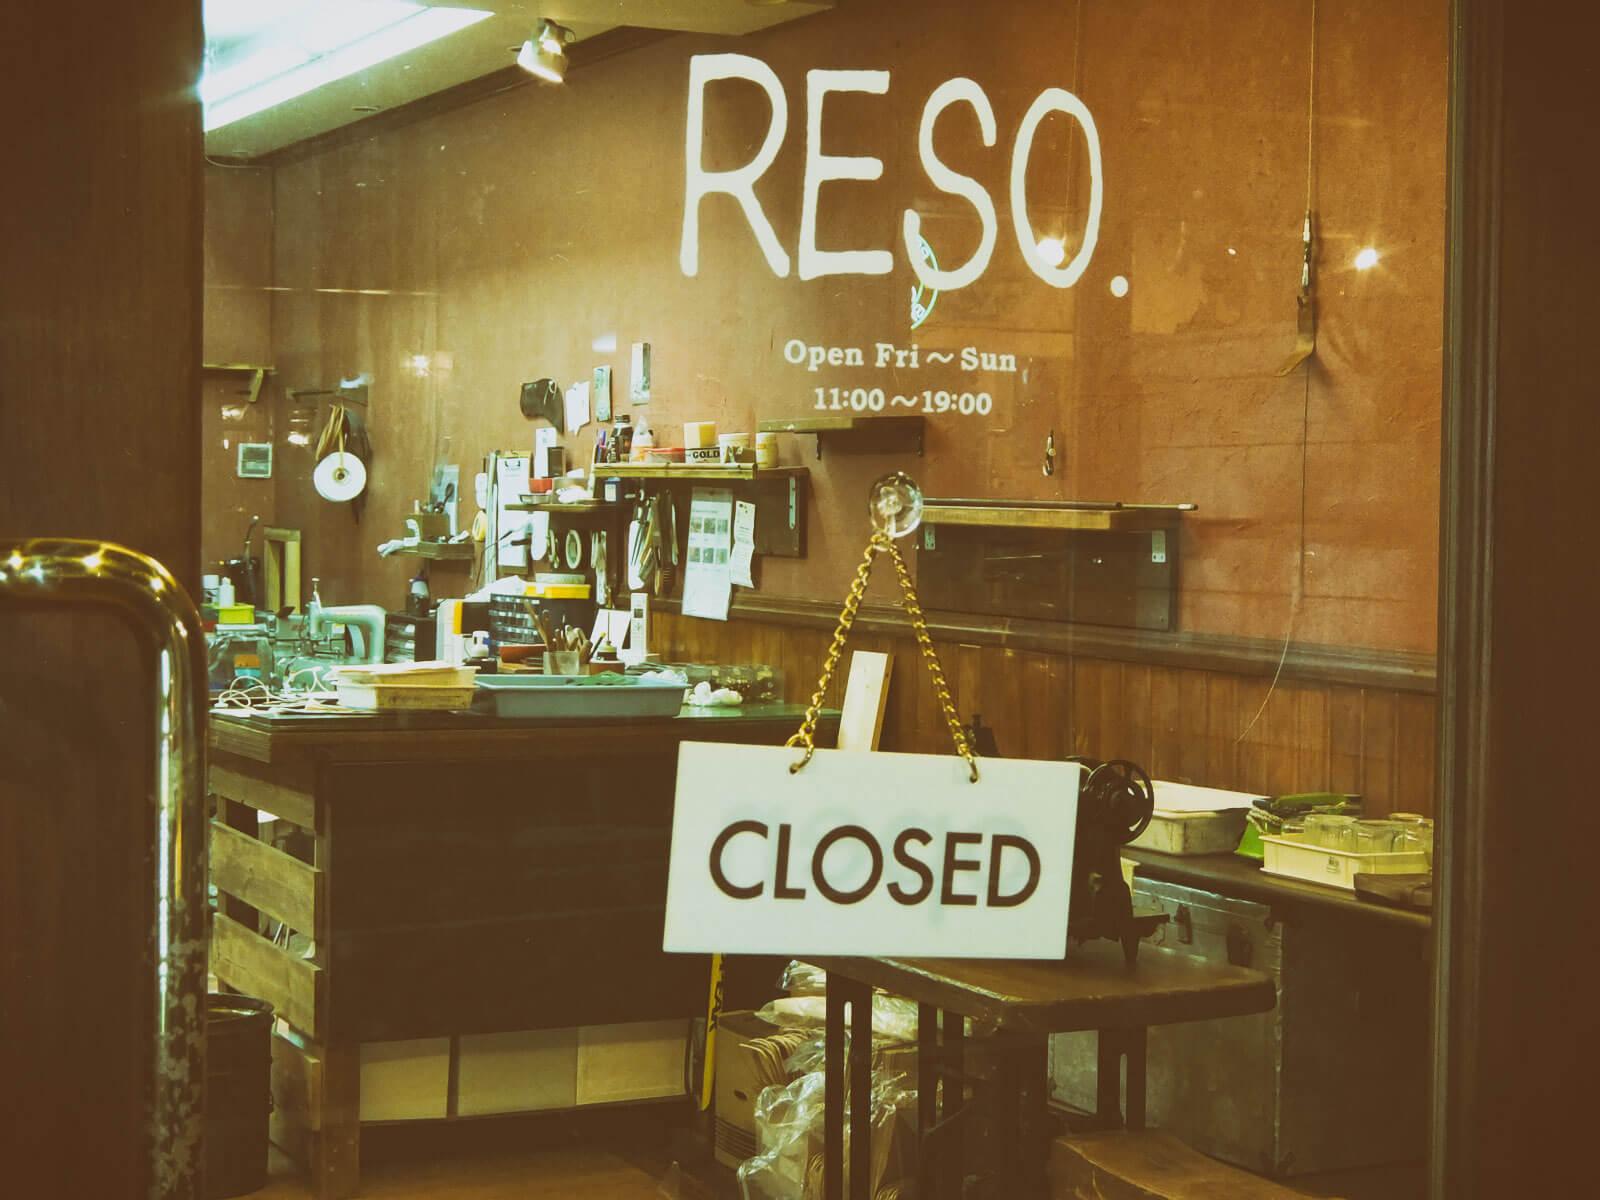 RESO.より、2年間ありがとうございました。